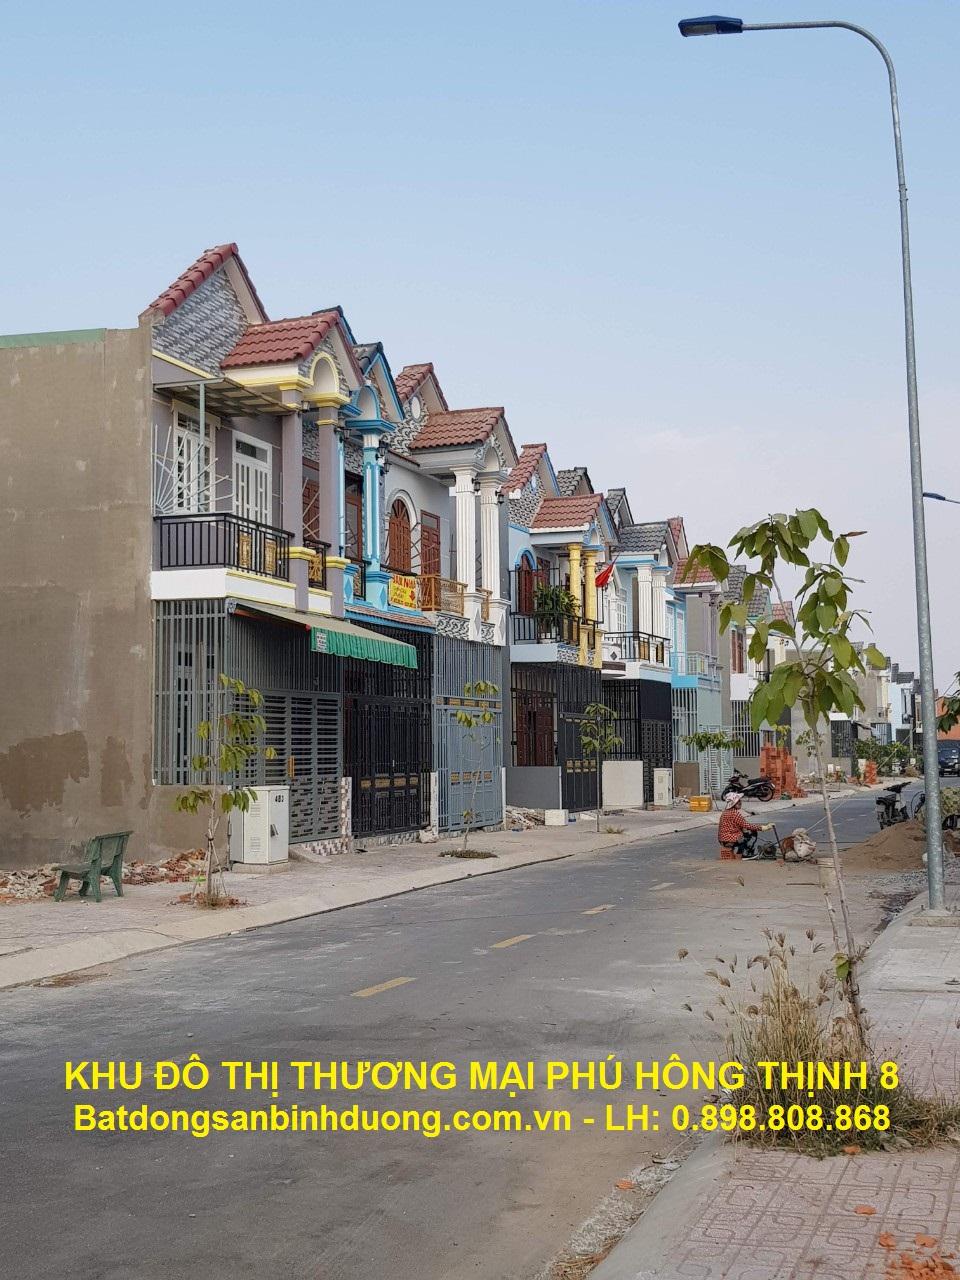 Bán đất Thuận An Bình Dương 2 mặt tiền kinh doanh vạn ngành nghề